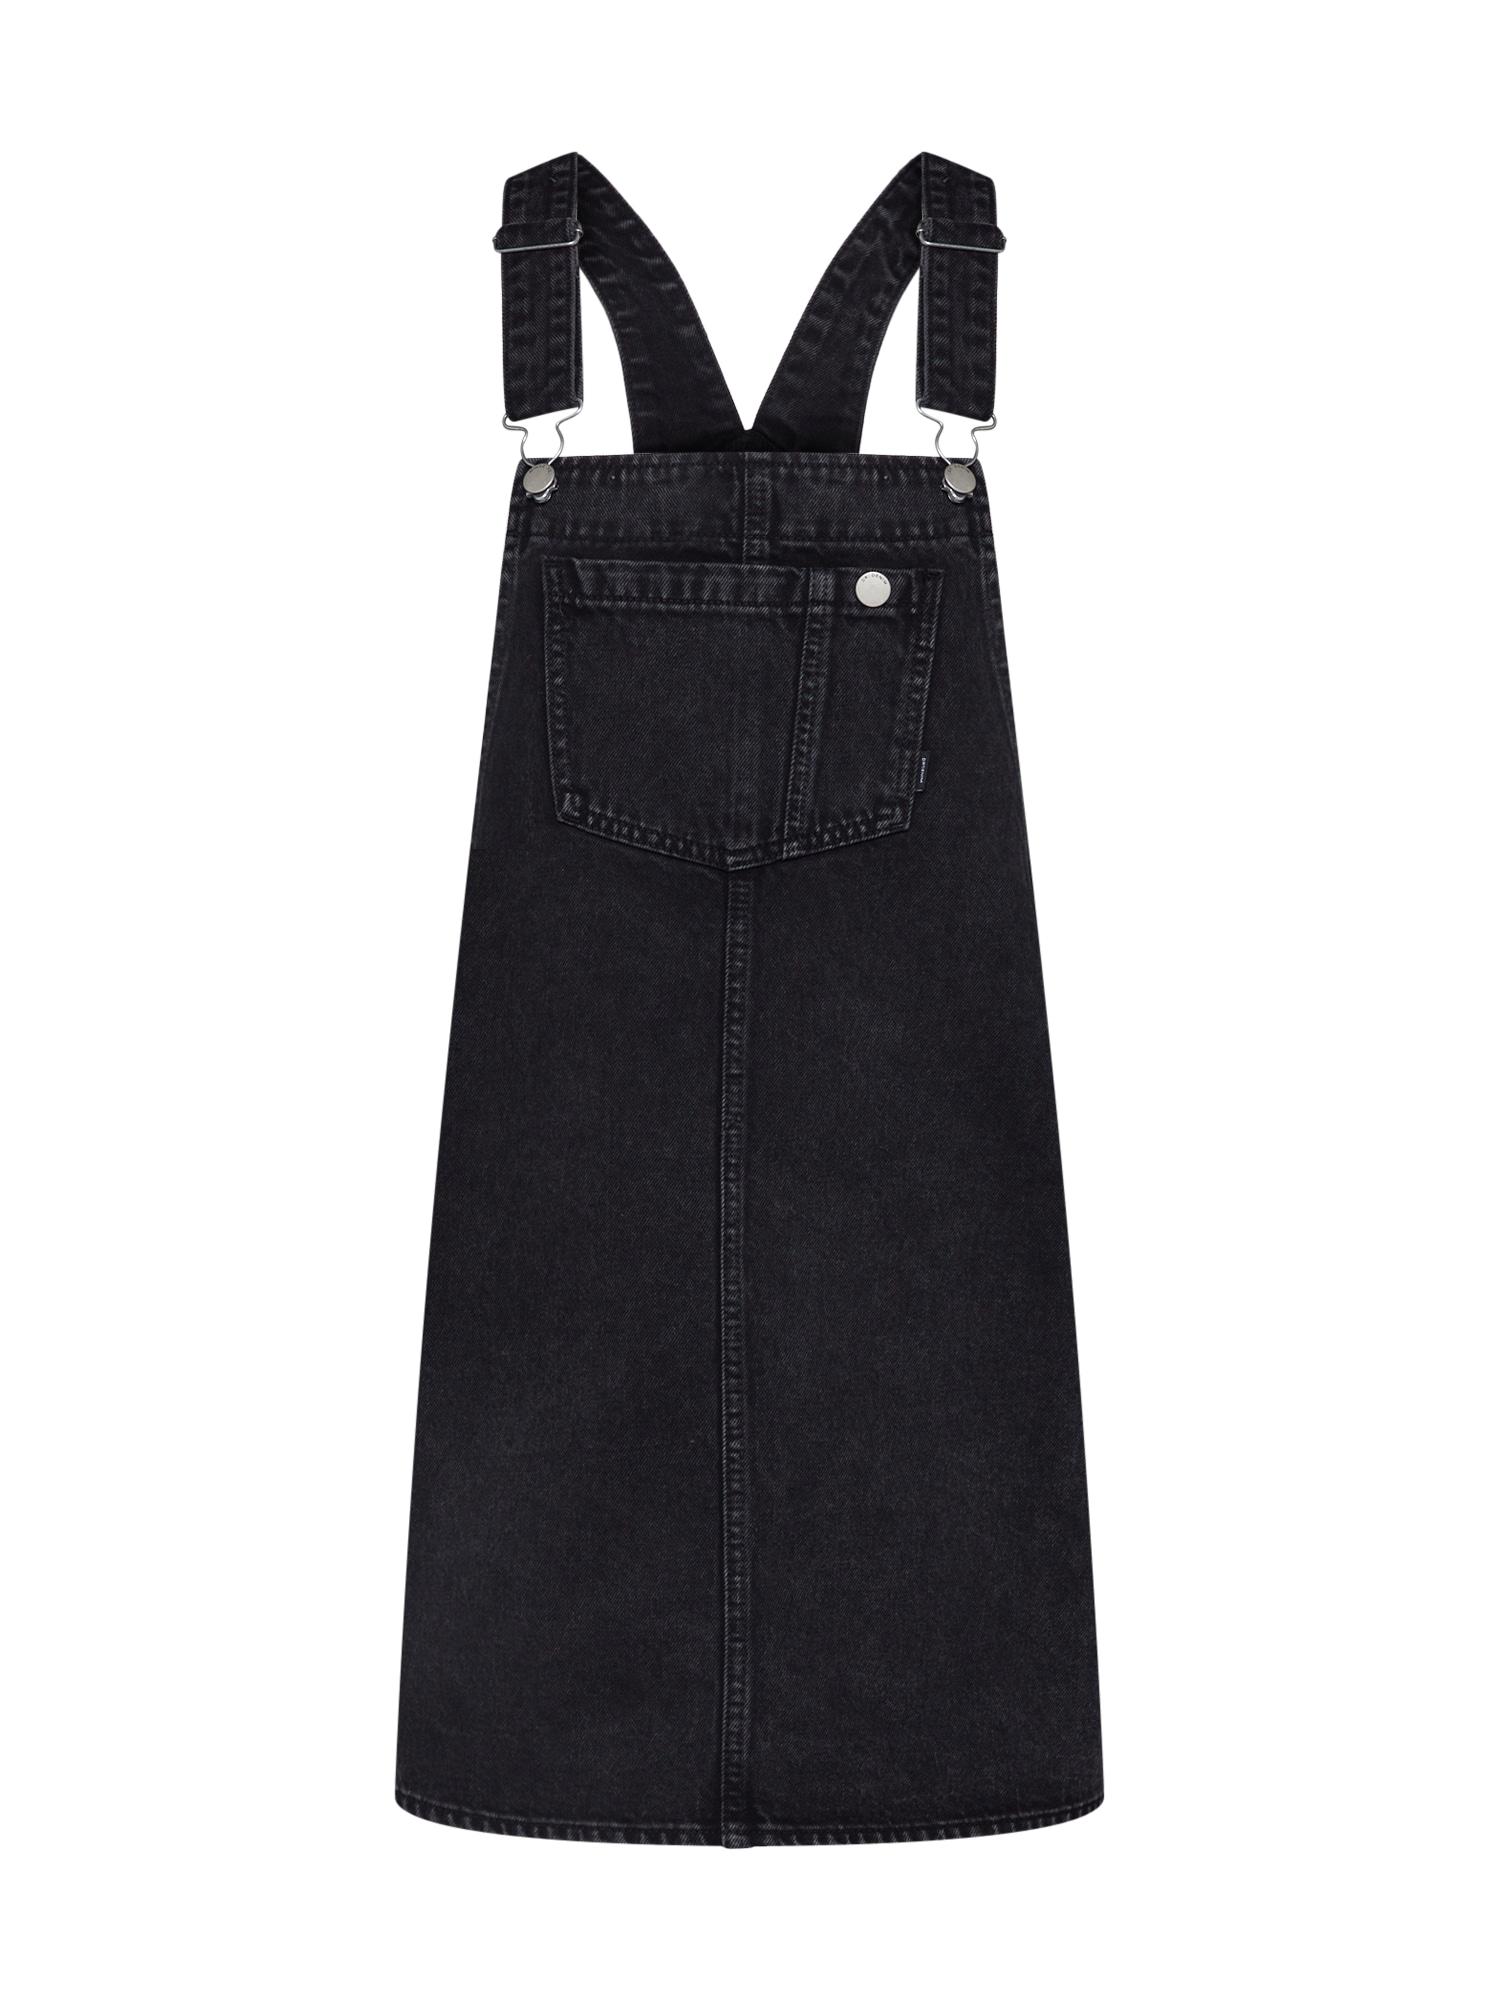 Laclová sukně Eir Dungaree černá džínovina Dr. Denim